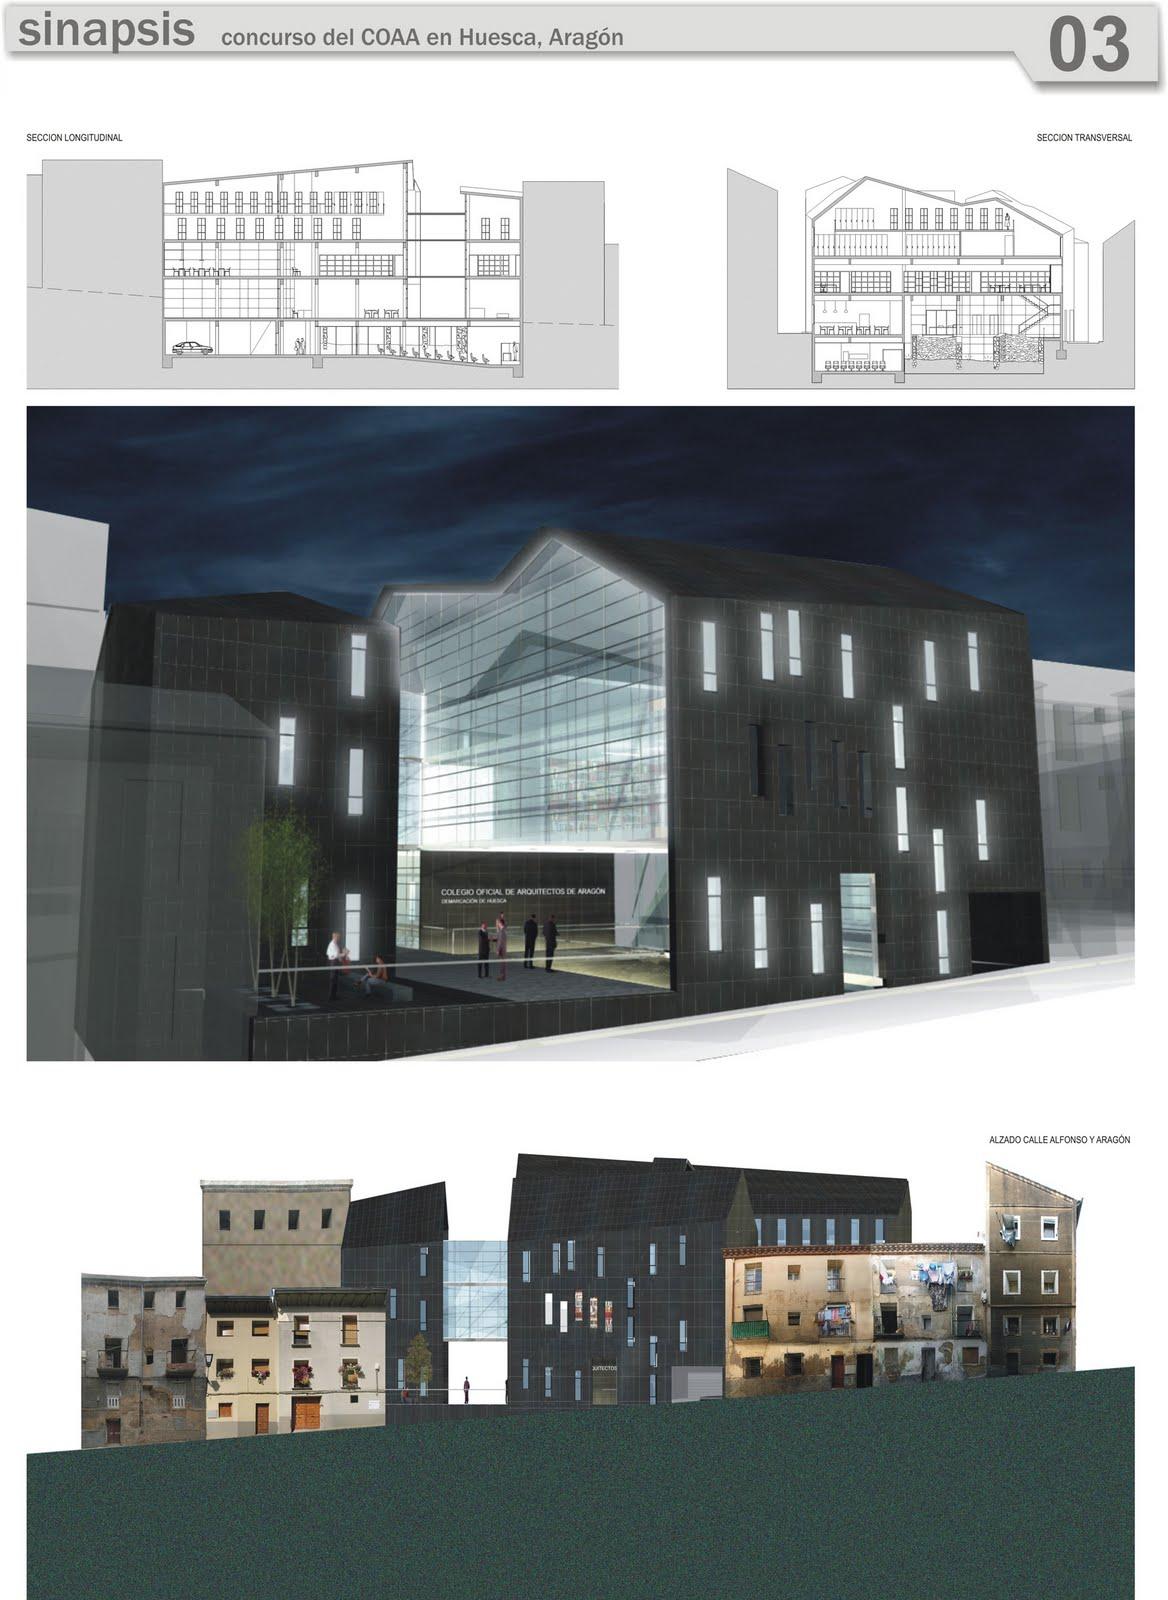 Portafolio colegio de arquitectos en huesca - Arquitectos huesca ...